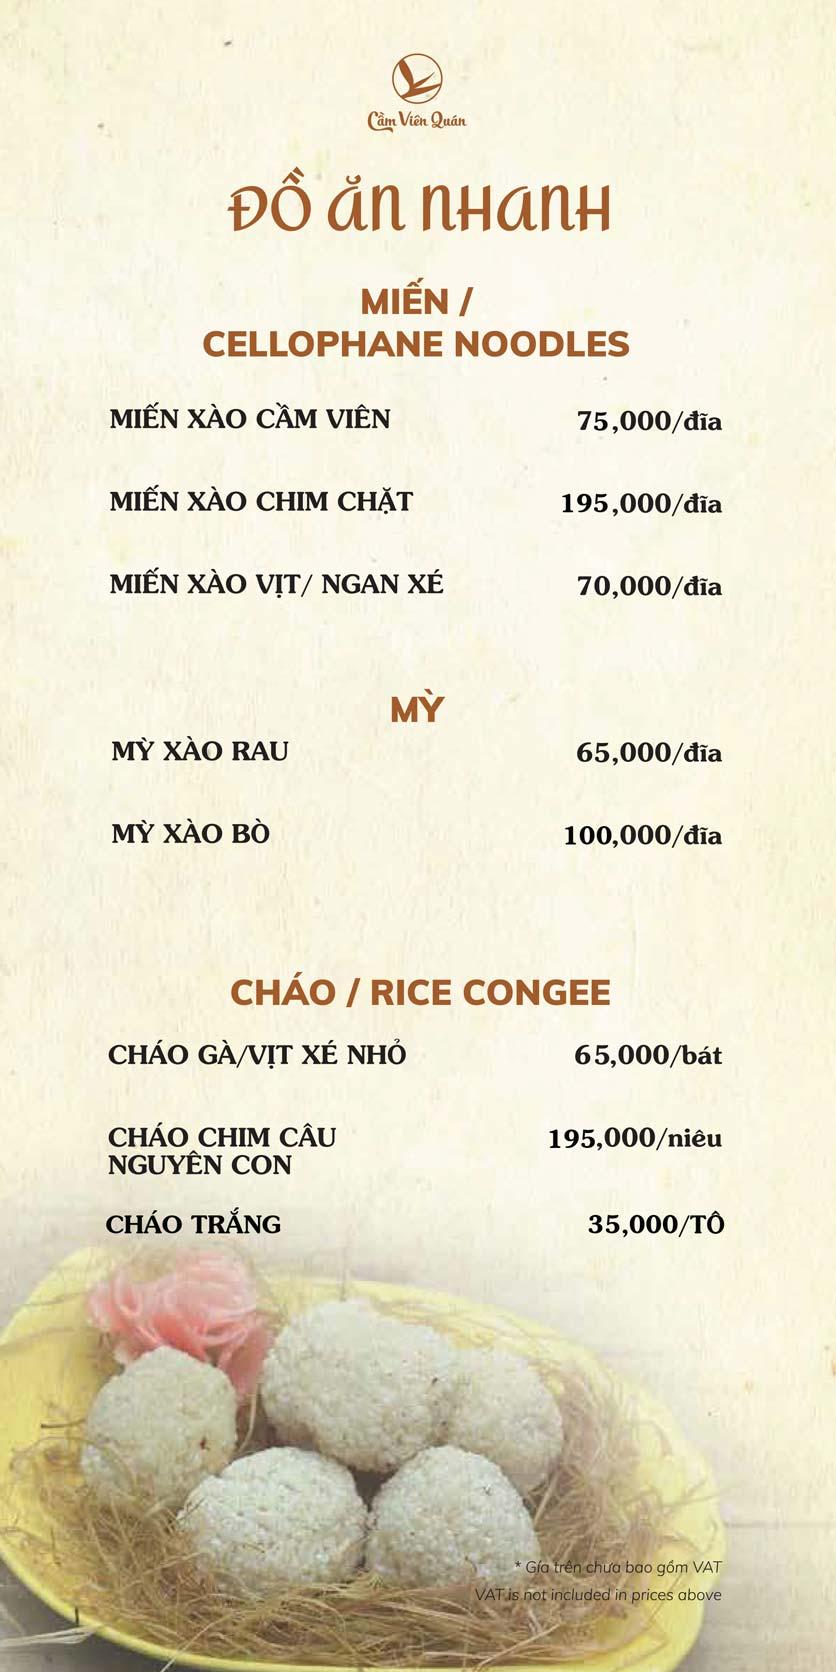 Menu Cầm Viên Quán - Nguyễn Văn Lộc 15